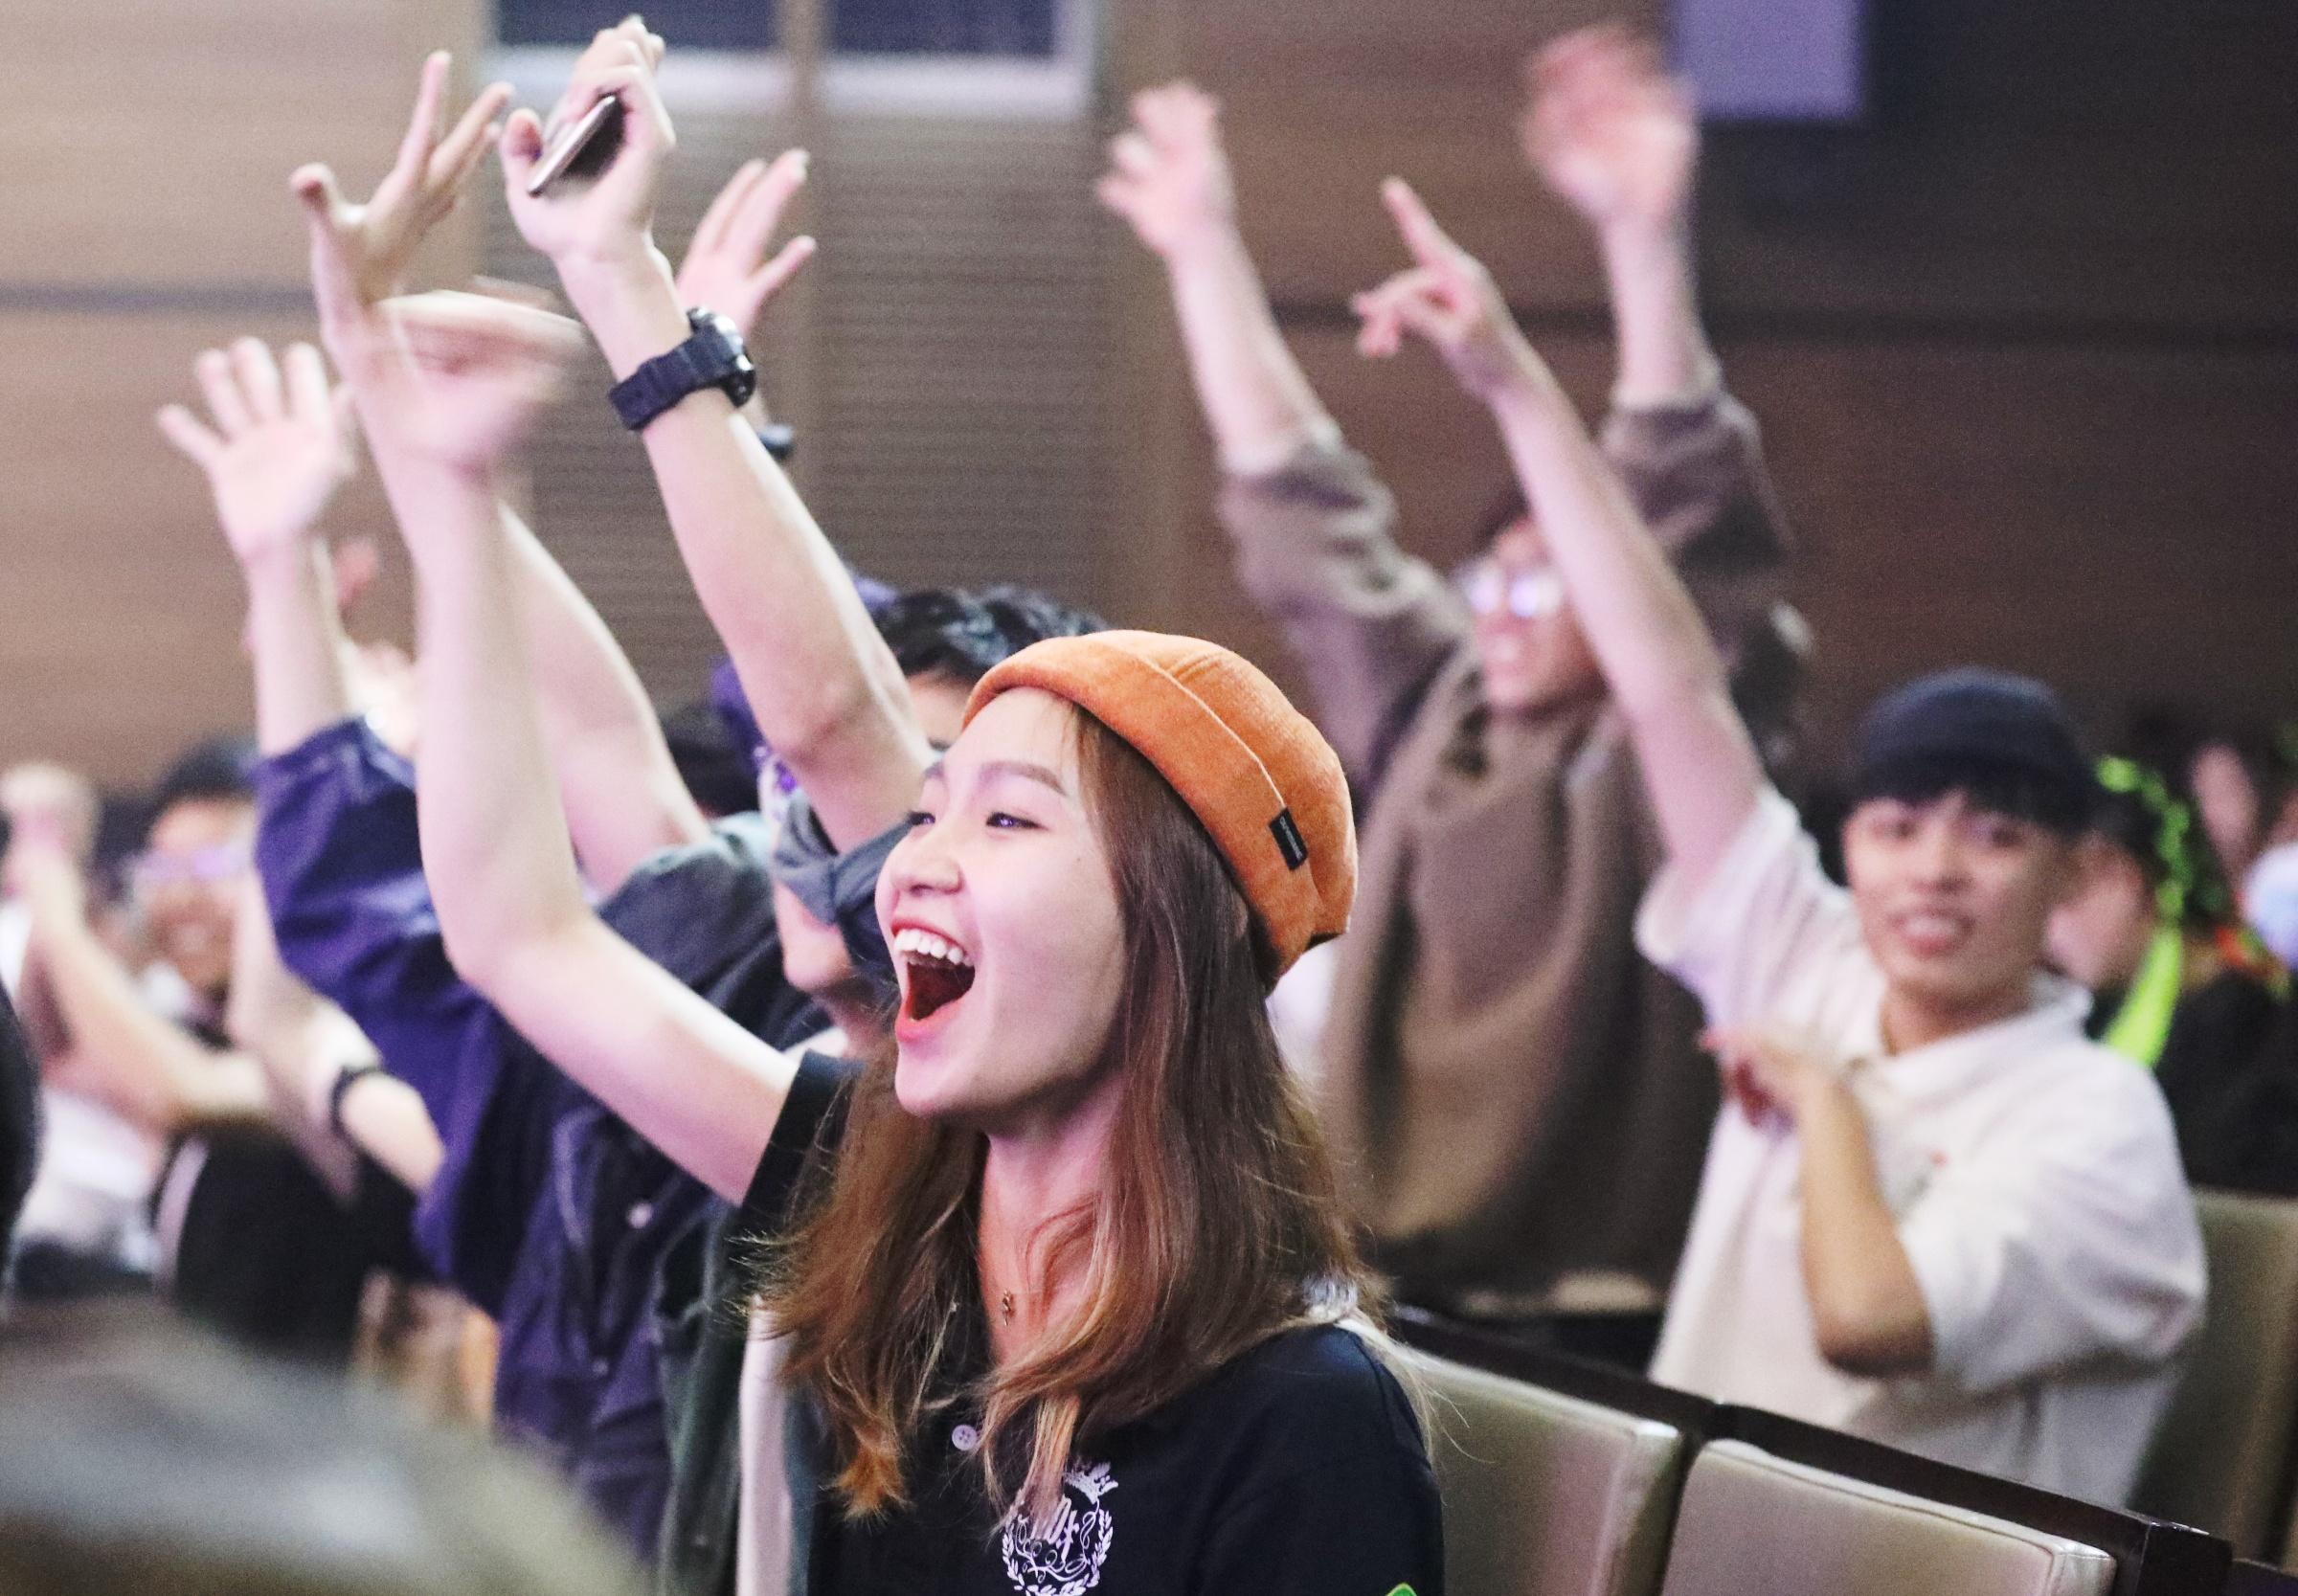 Những khoảnh khắc ấn tượng ở bán kết Dance For Youth miền Nam - 3